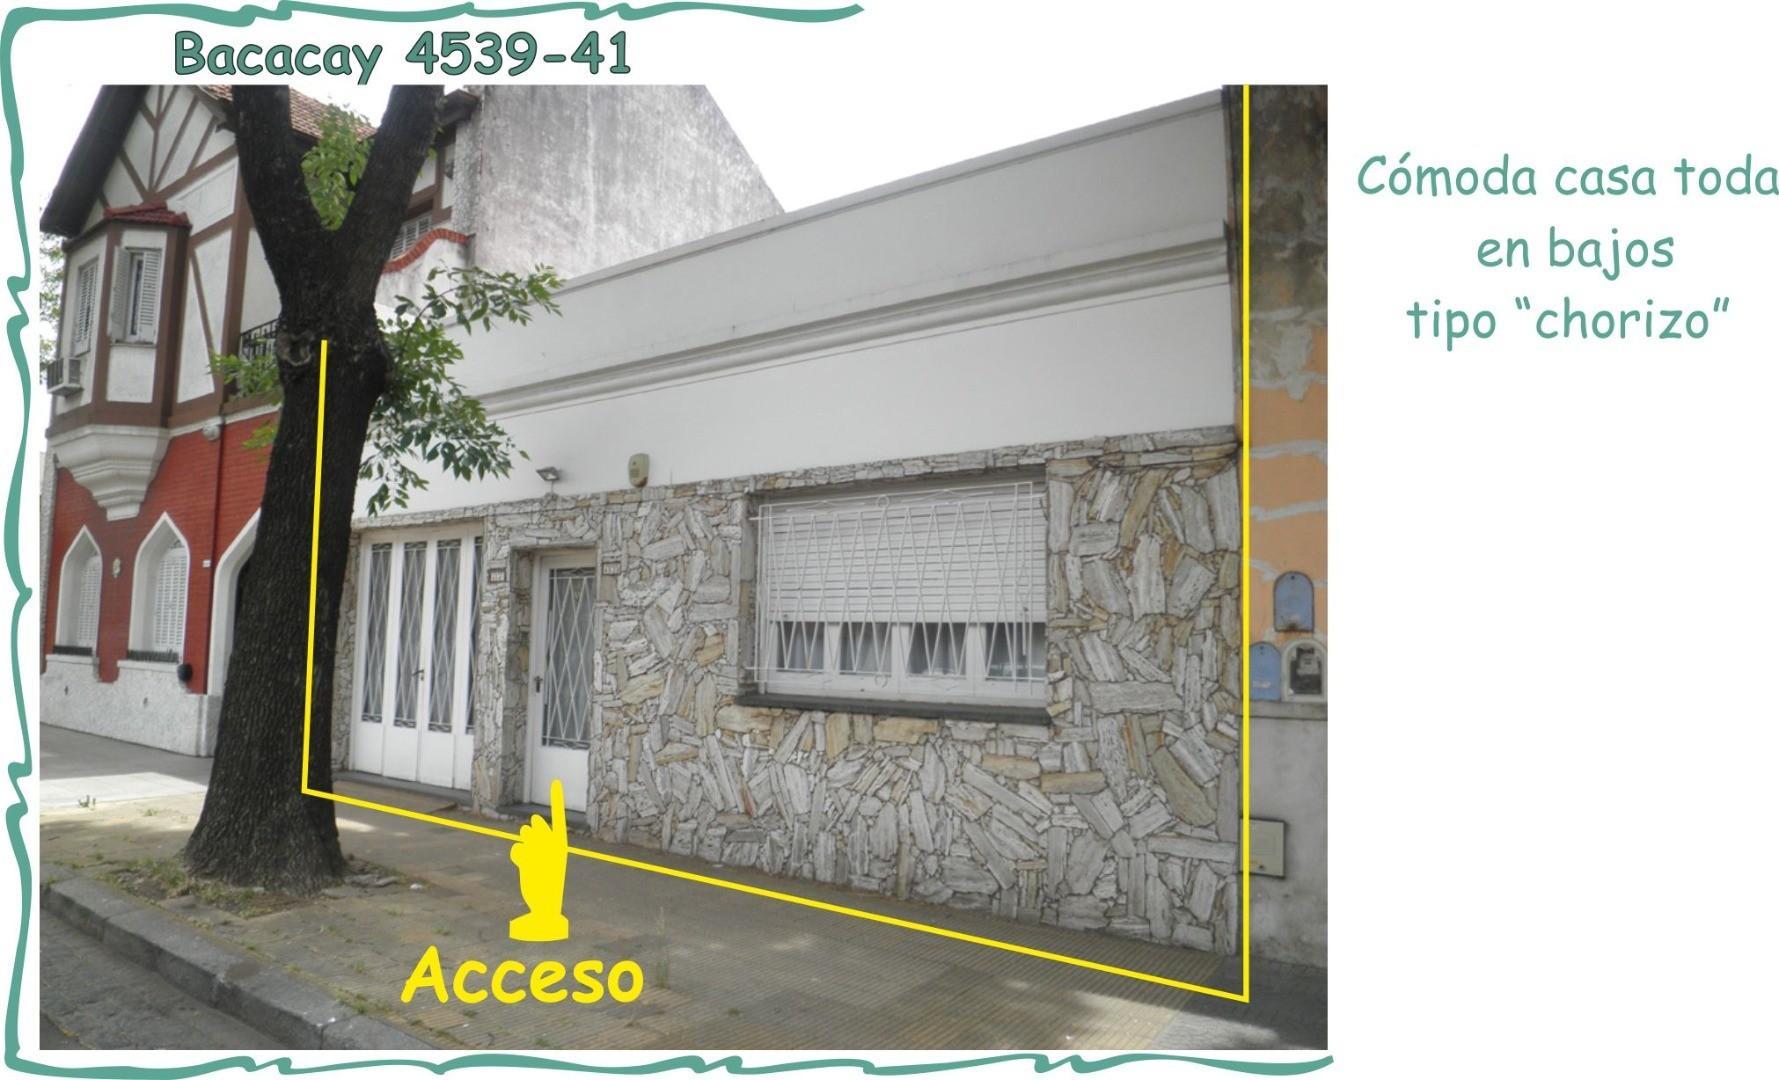 """"""" TIENE CON QUE""""  caserón  todo en bajos con generoso patio + tza + garaje ENTORNO RESIDENCIAL"""